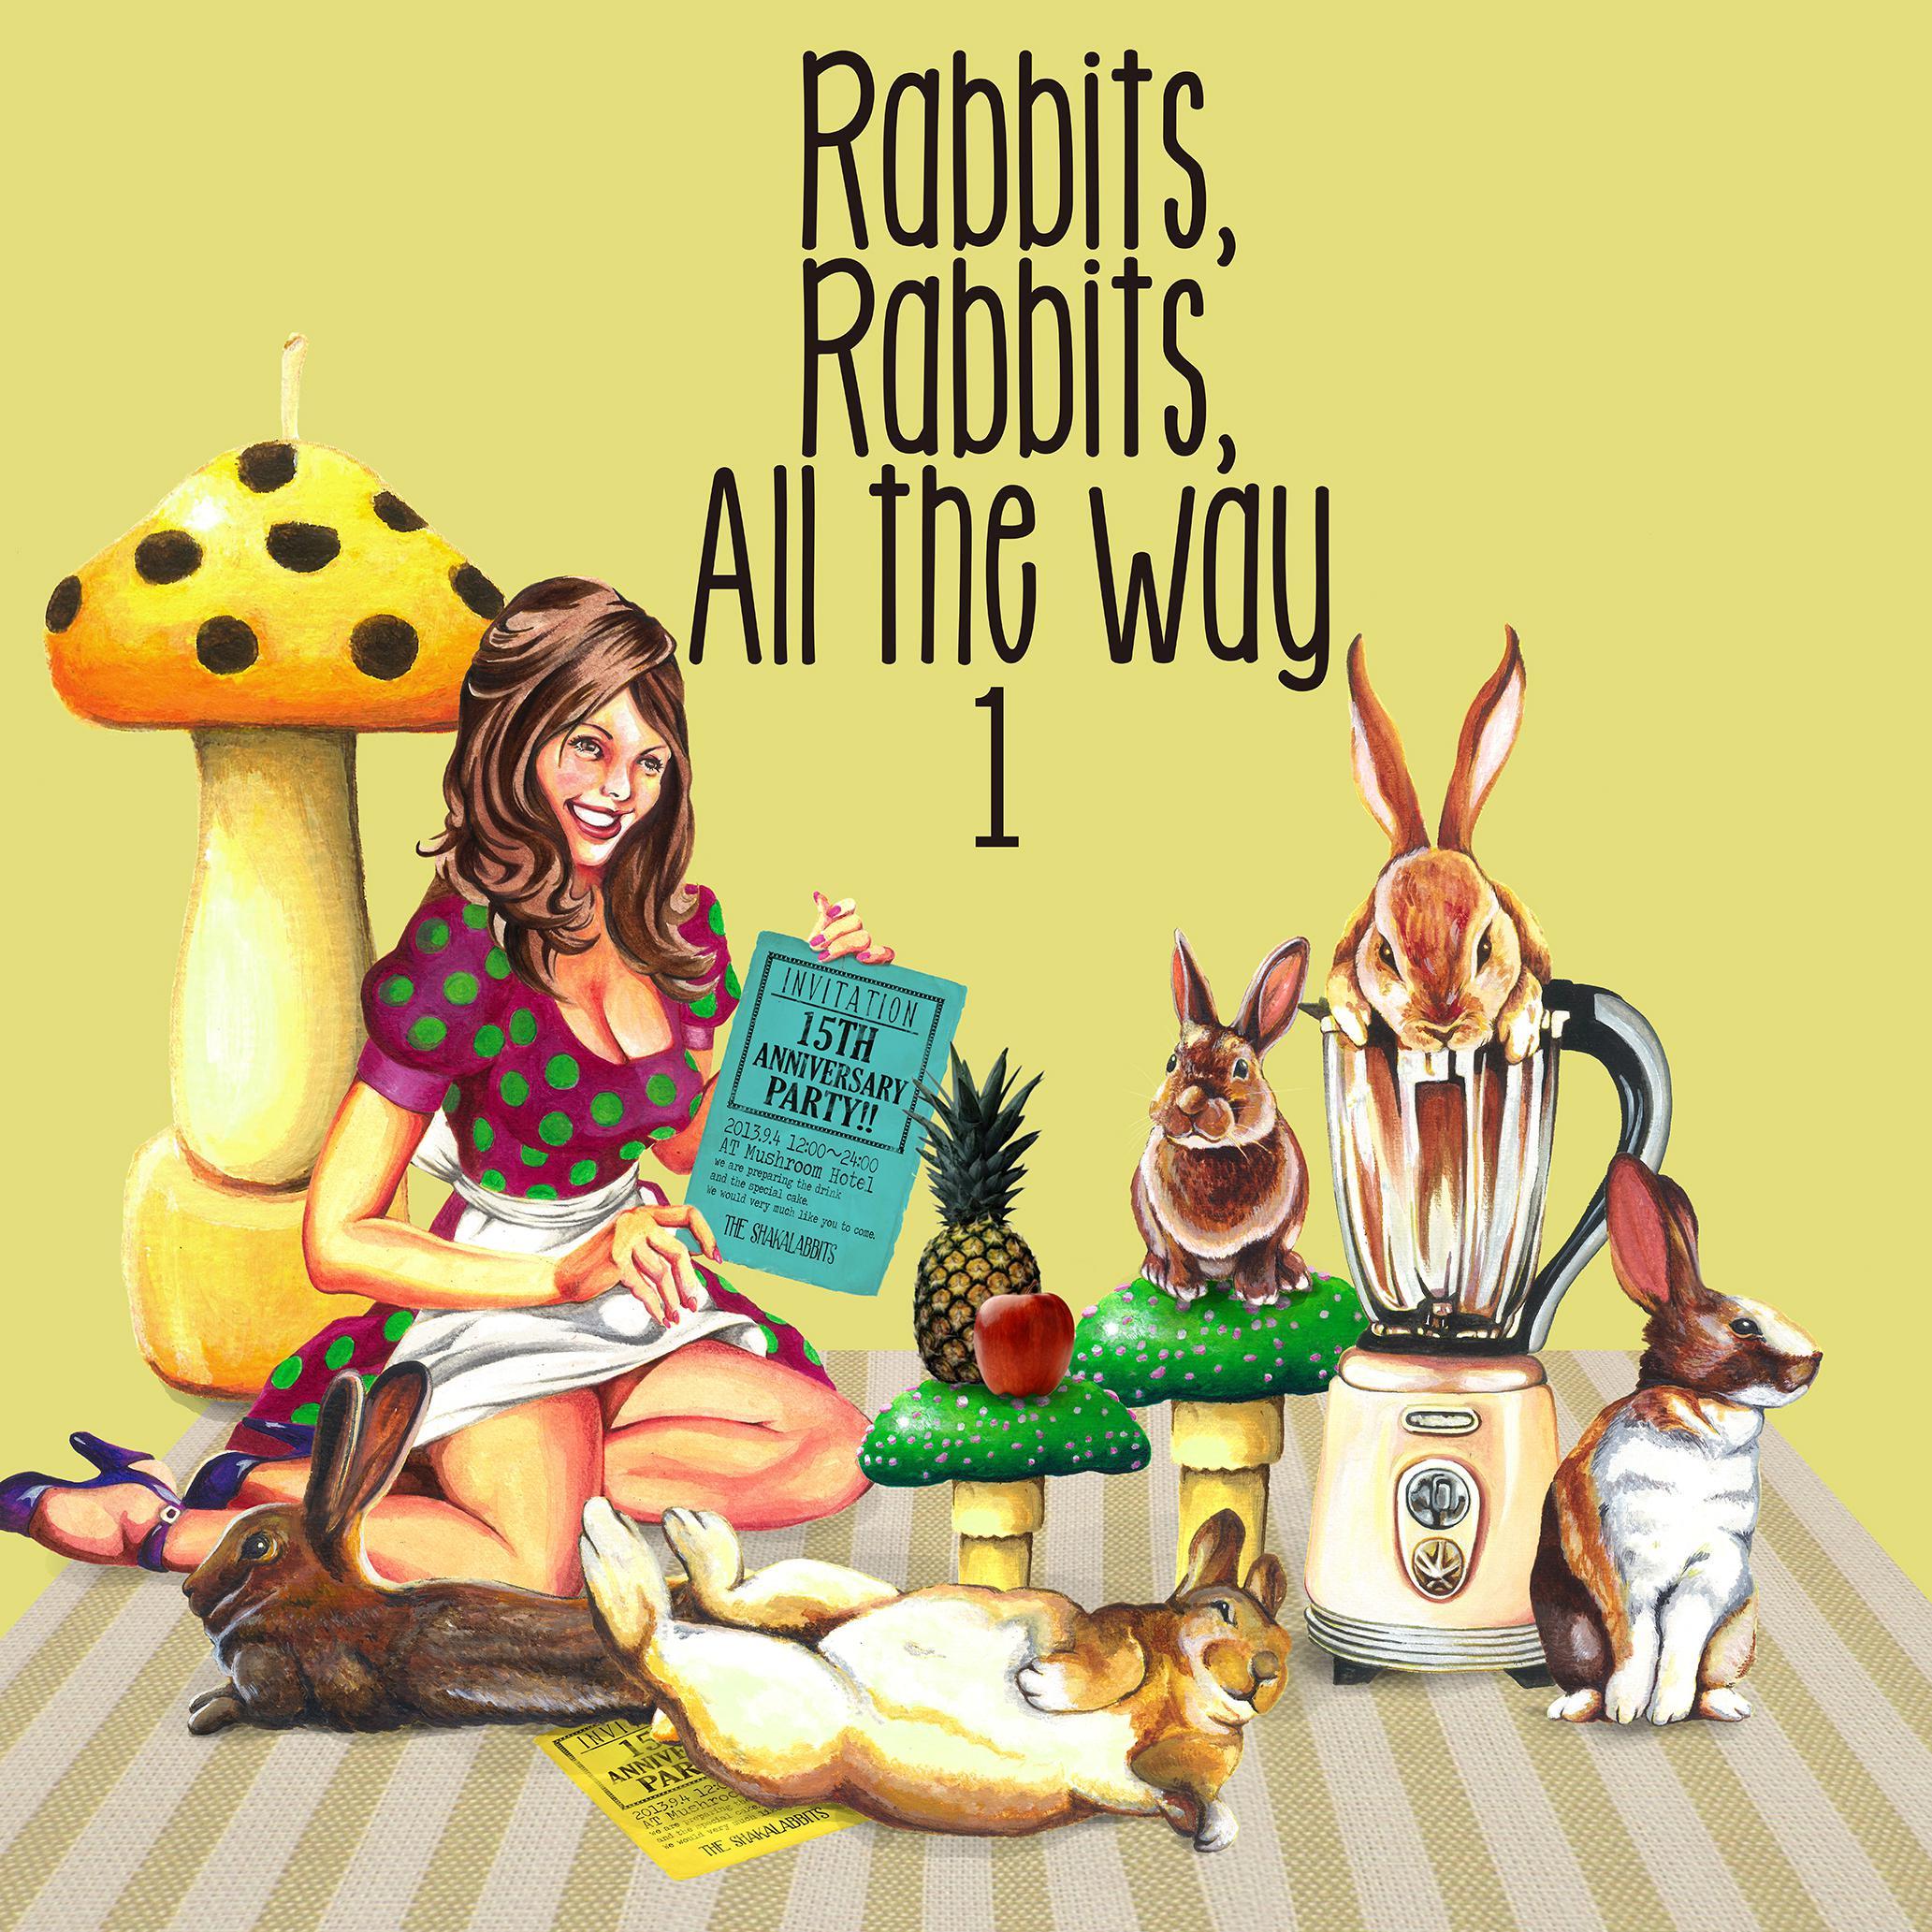 Shakalabbits - Rabbits, Rabbits, All the way 1